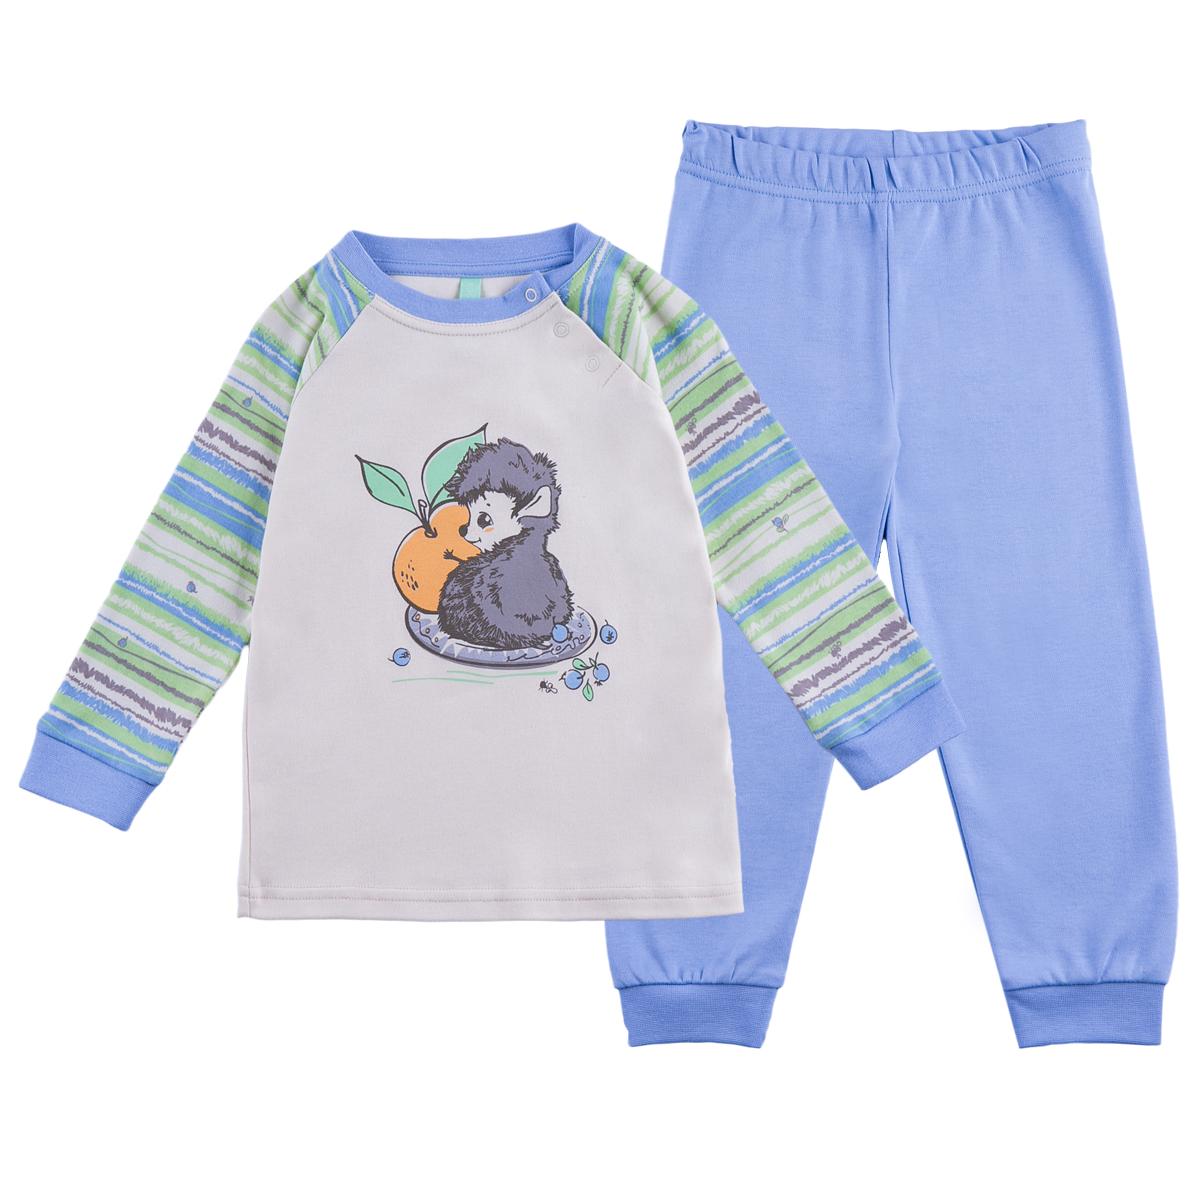 Пижама KogankidsПижама из натурального хлопка обеспечивает максимальный комфорт. Ее можно носить и как домашнюю одежду.<br>Размер: 80, 86, 92, 98; Цвет: Жёлтый;